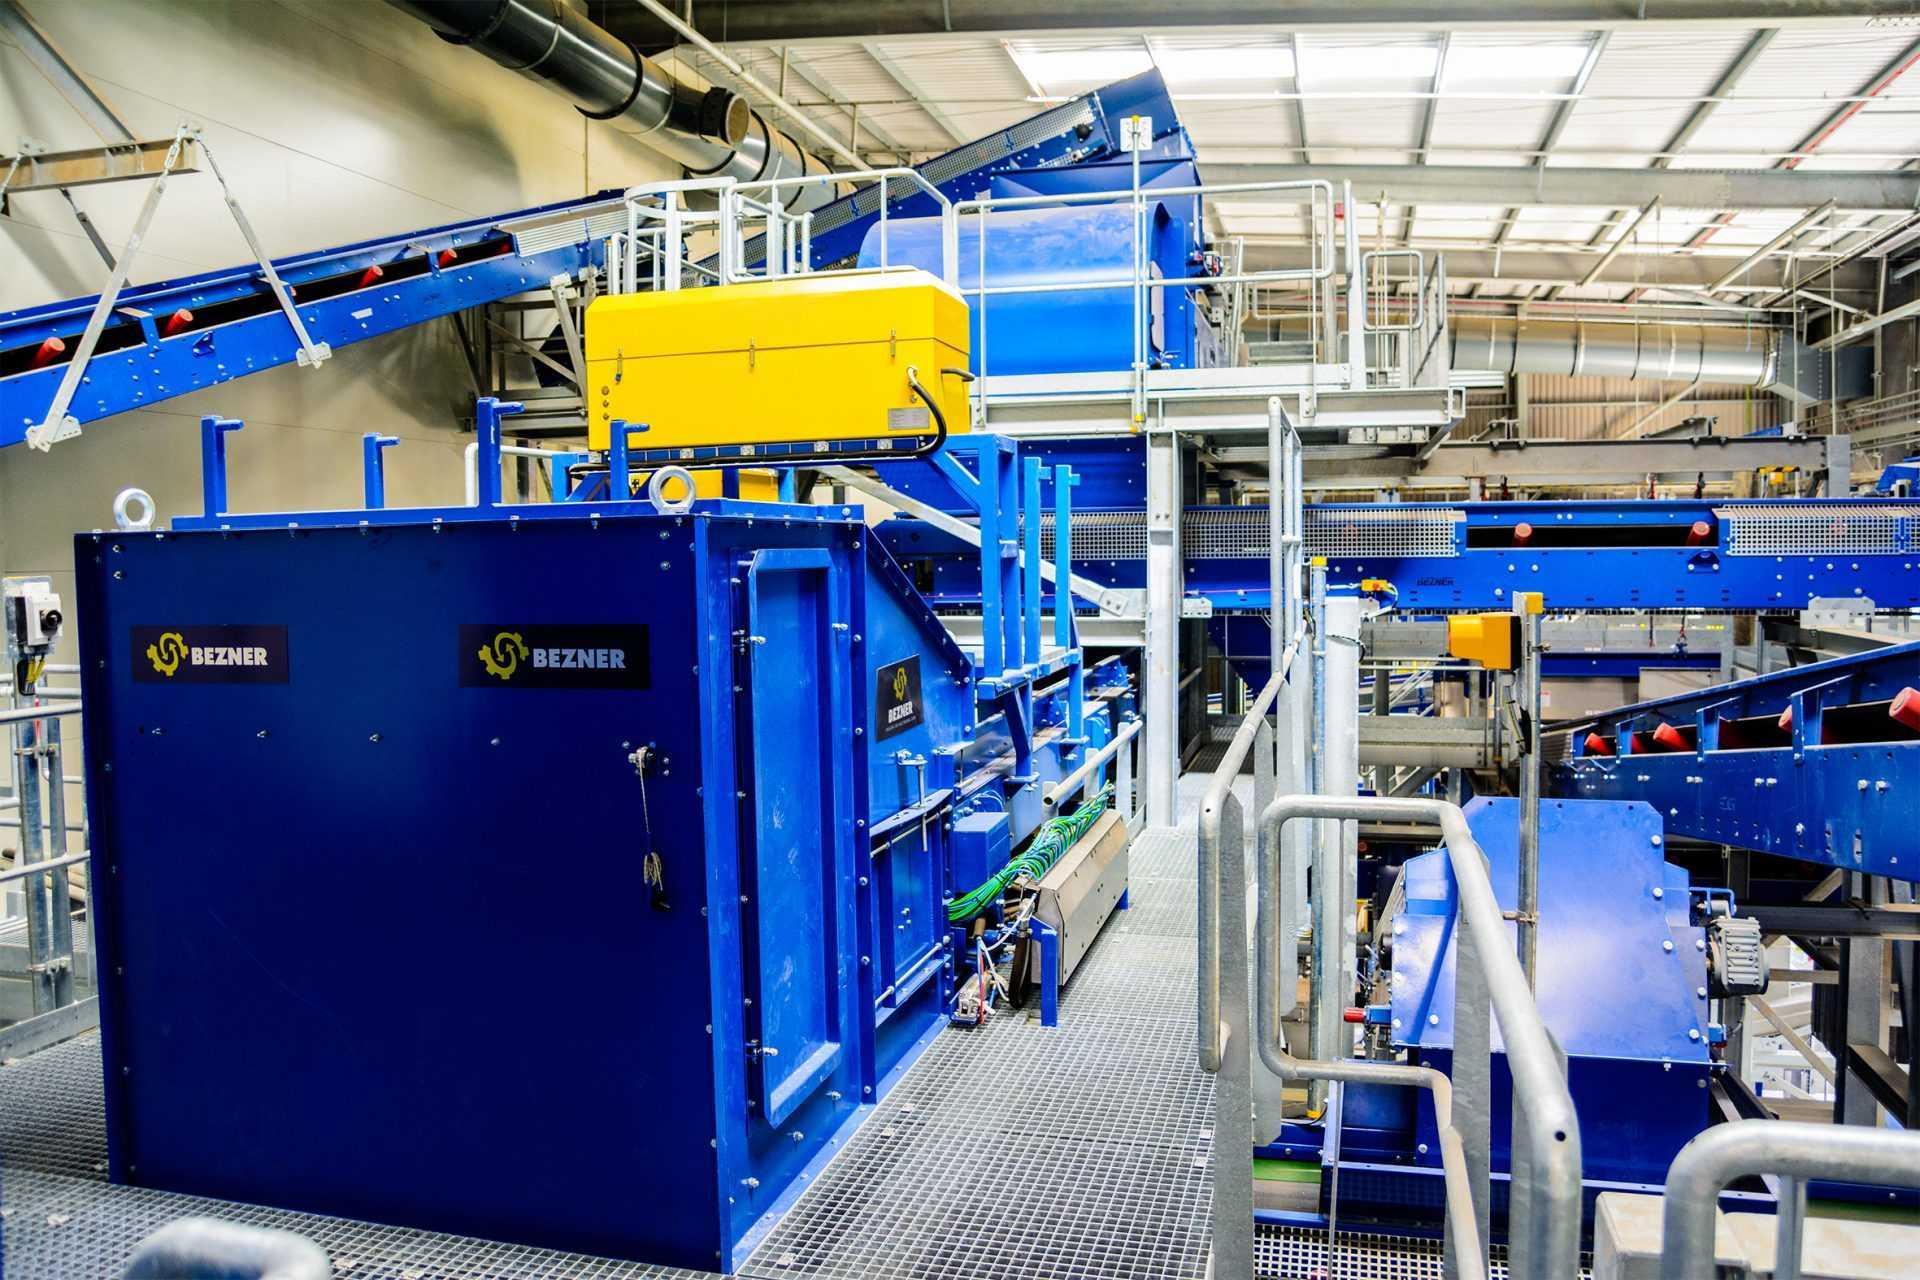 Заводы по переработке мусора: оборудование, рентабельность, перспективы бизнеса